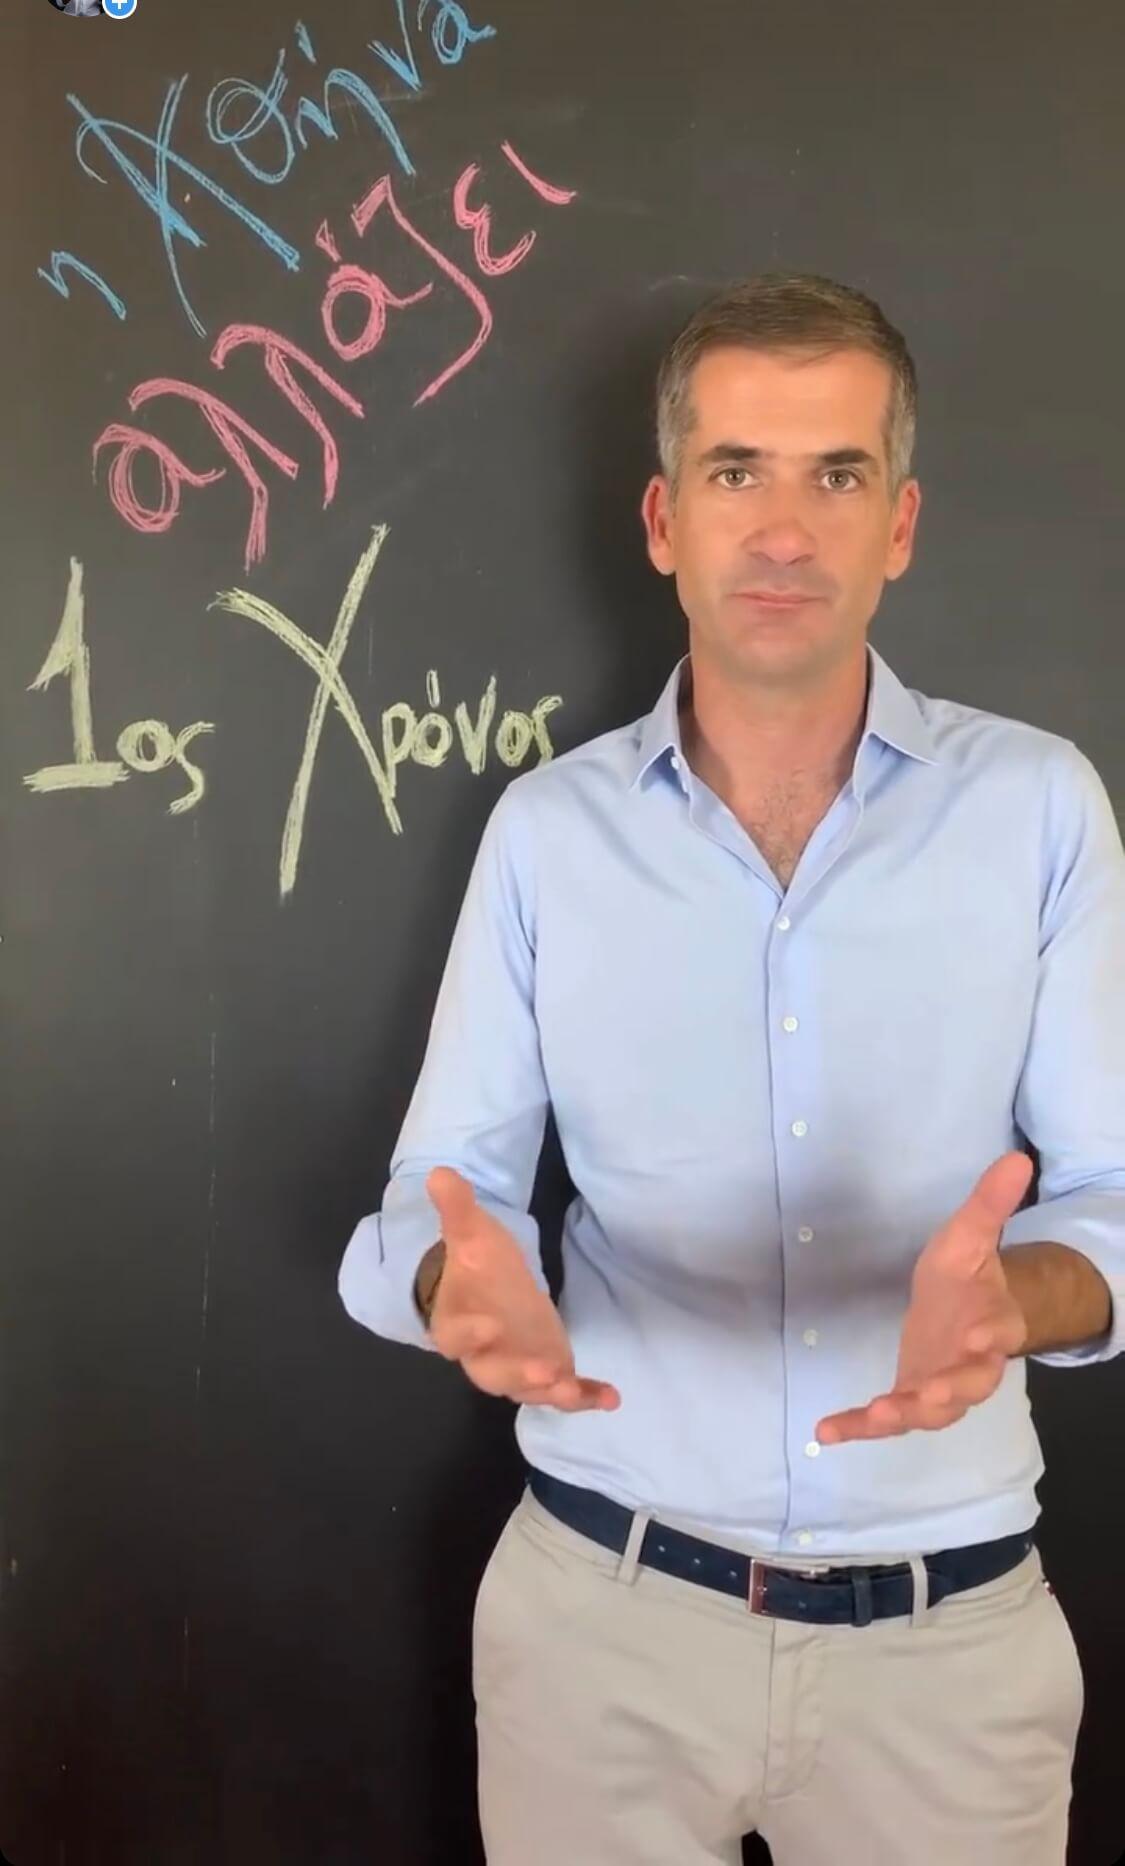 Ο Κώστας Μπακογιάννης απαντά μέσω Instagram στους πολίτες (VIDEO)